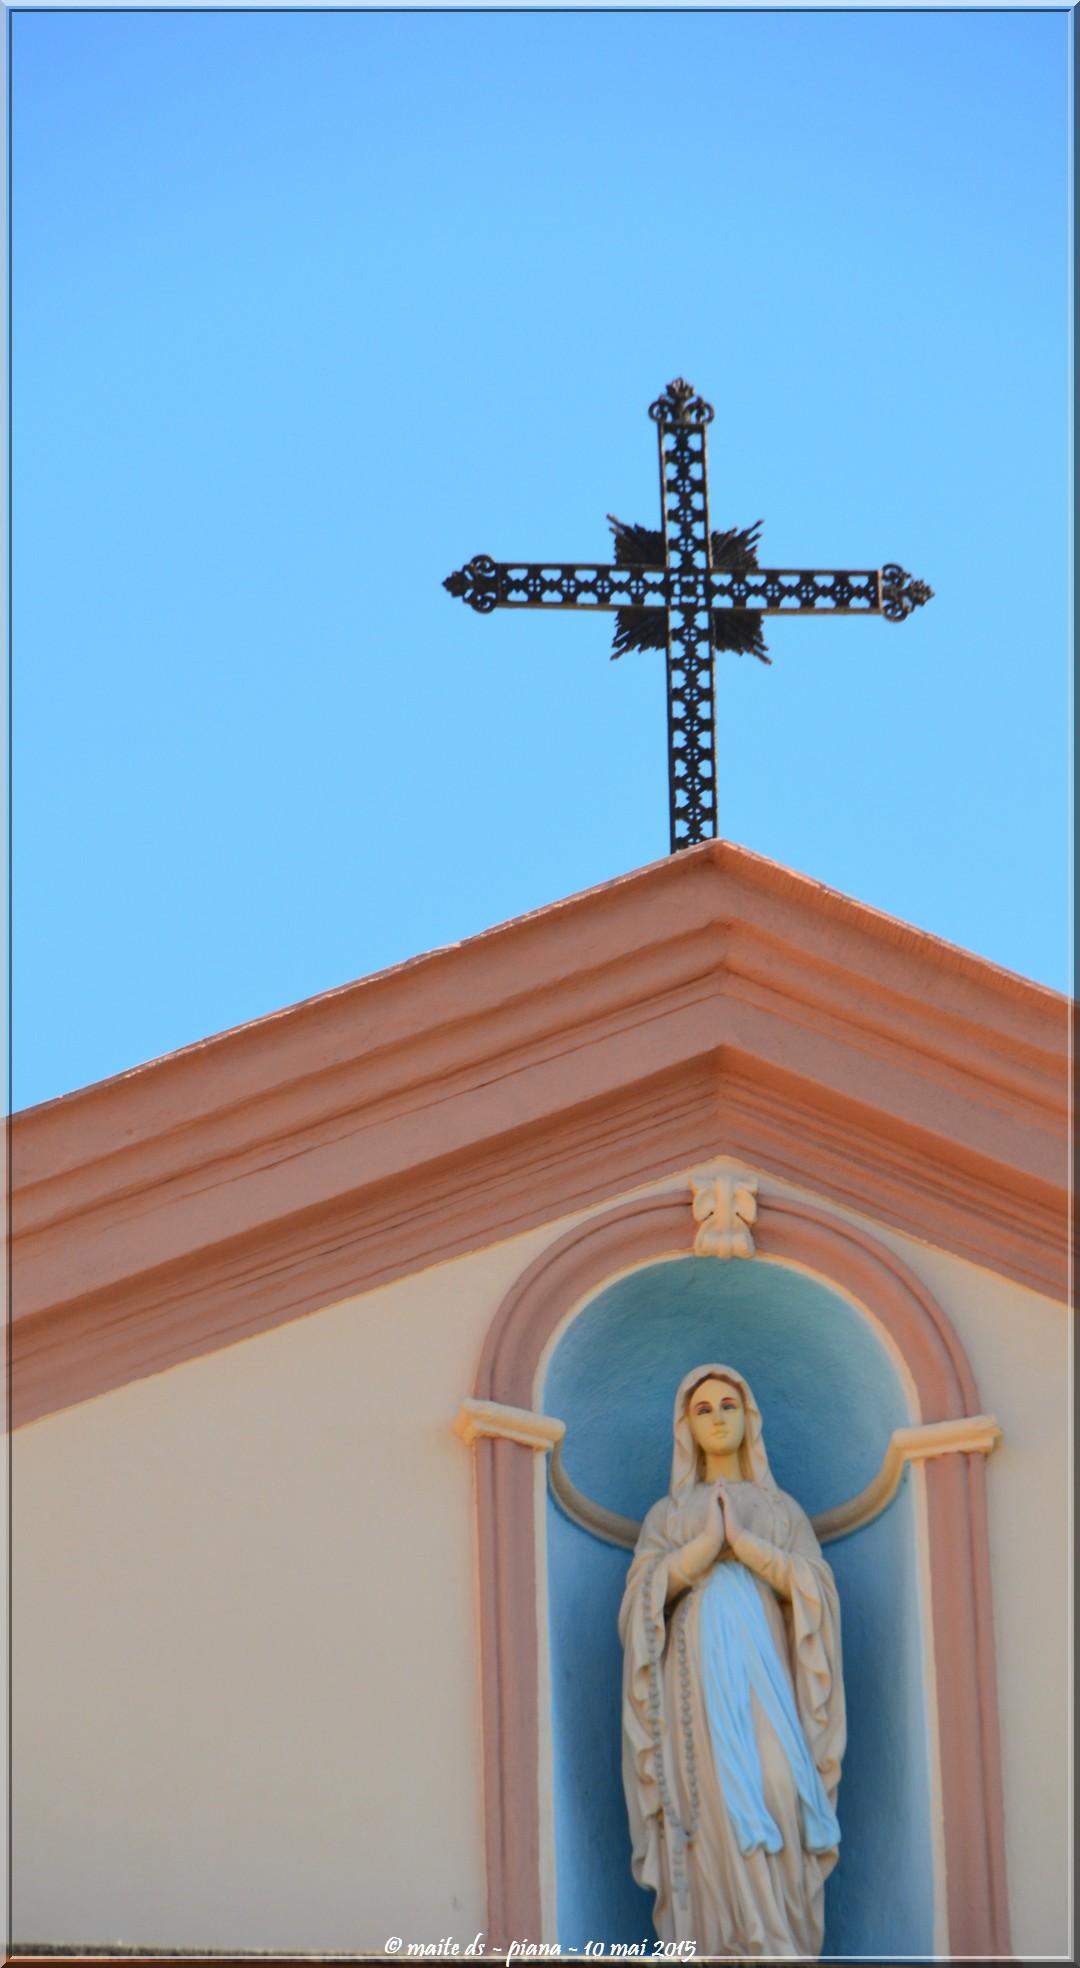 Eglise de Piana - Corse